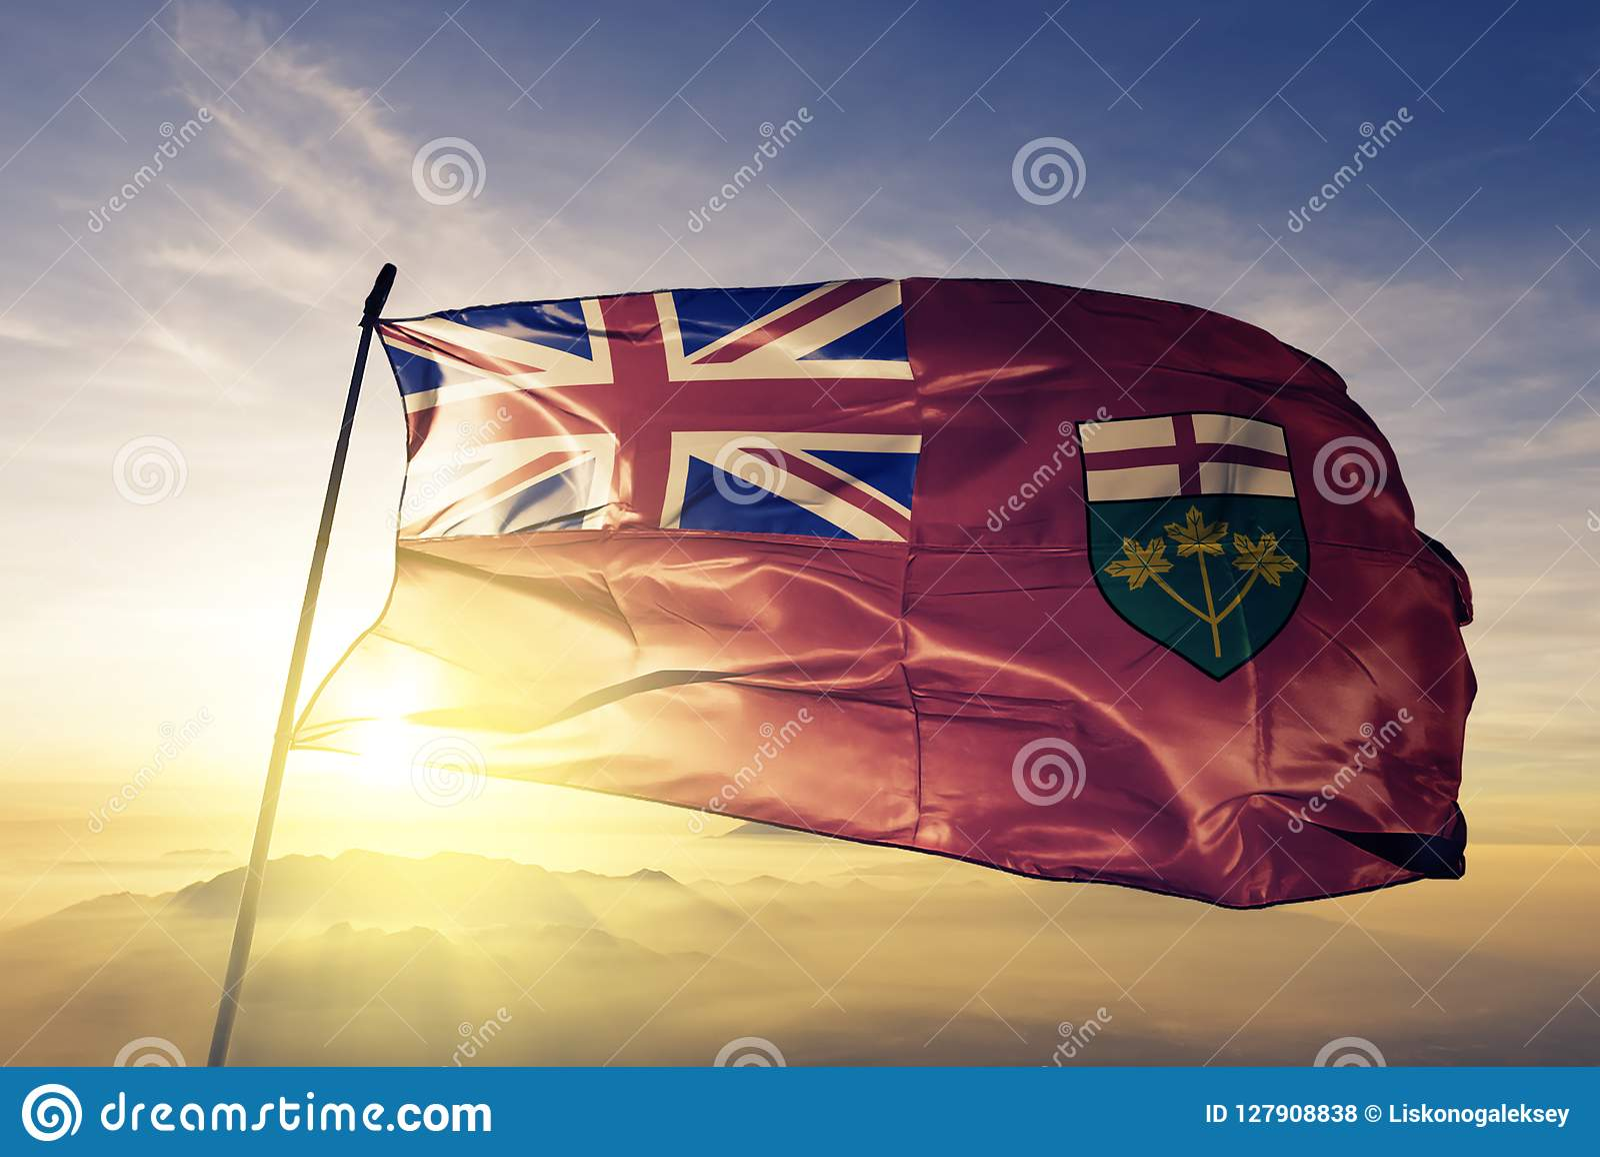 加拿大旗子纺织品挥动在顶面日出薄雾雾的布料织品安大略省